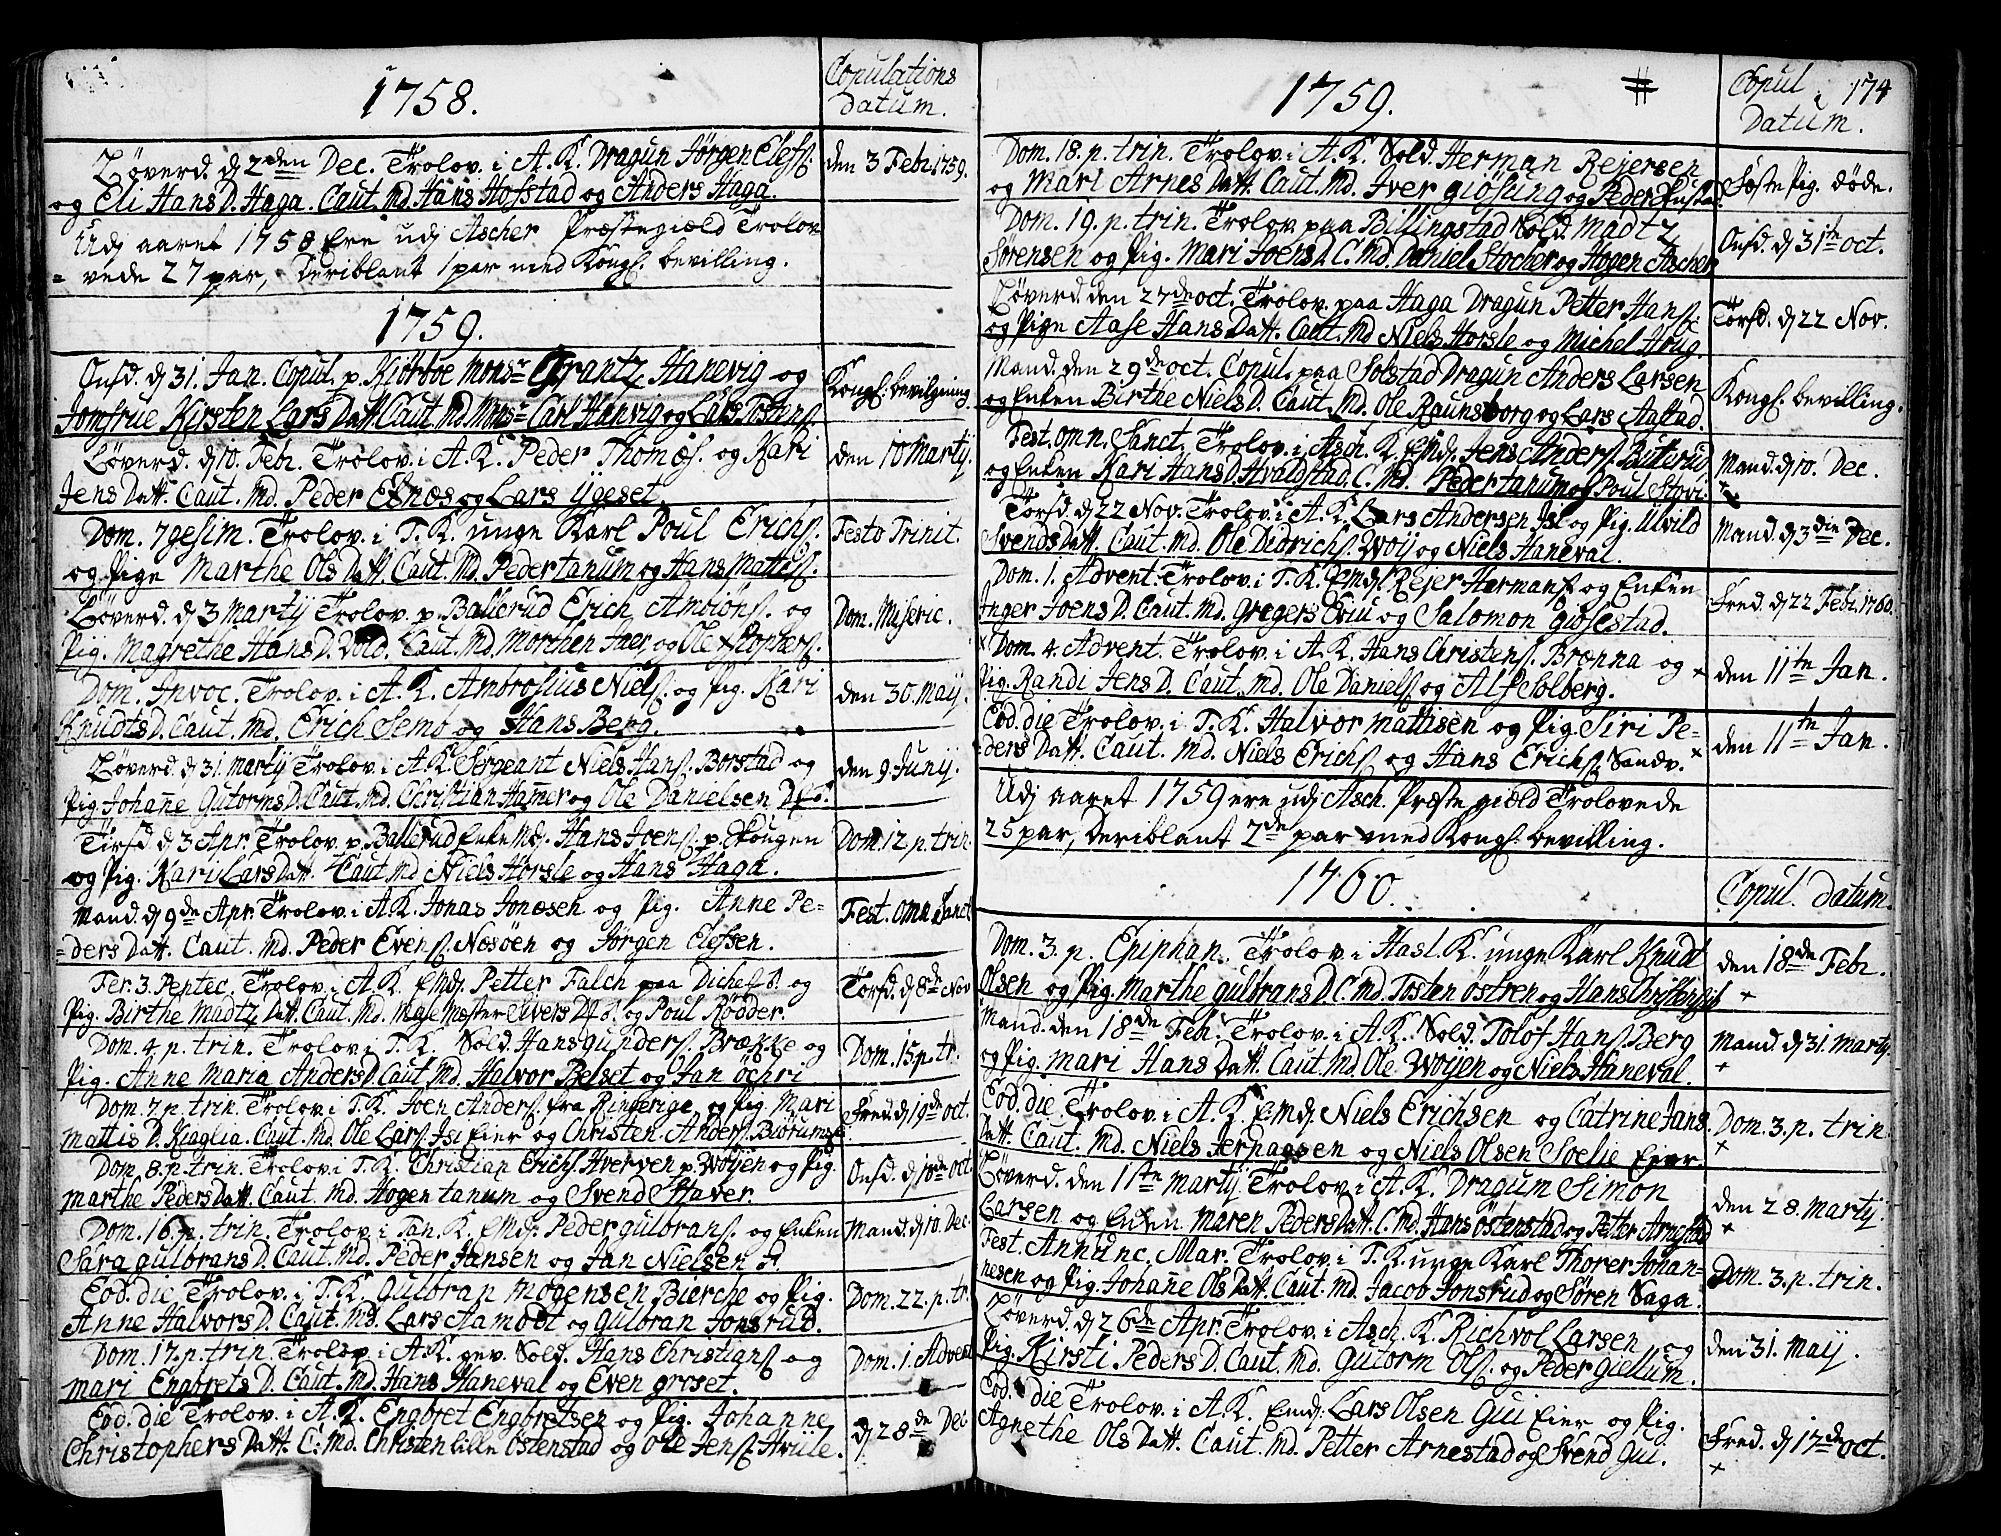 SAO, Asker prestekontor Kirkebøker, F/Fa/L0002: Ministerialbok nr. I 2, 1733-1766, s. 174